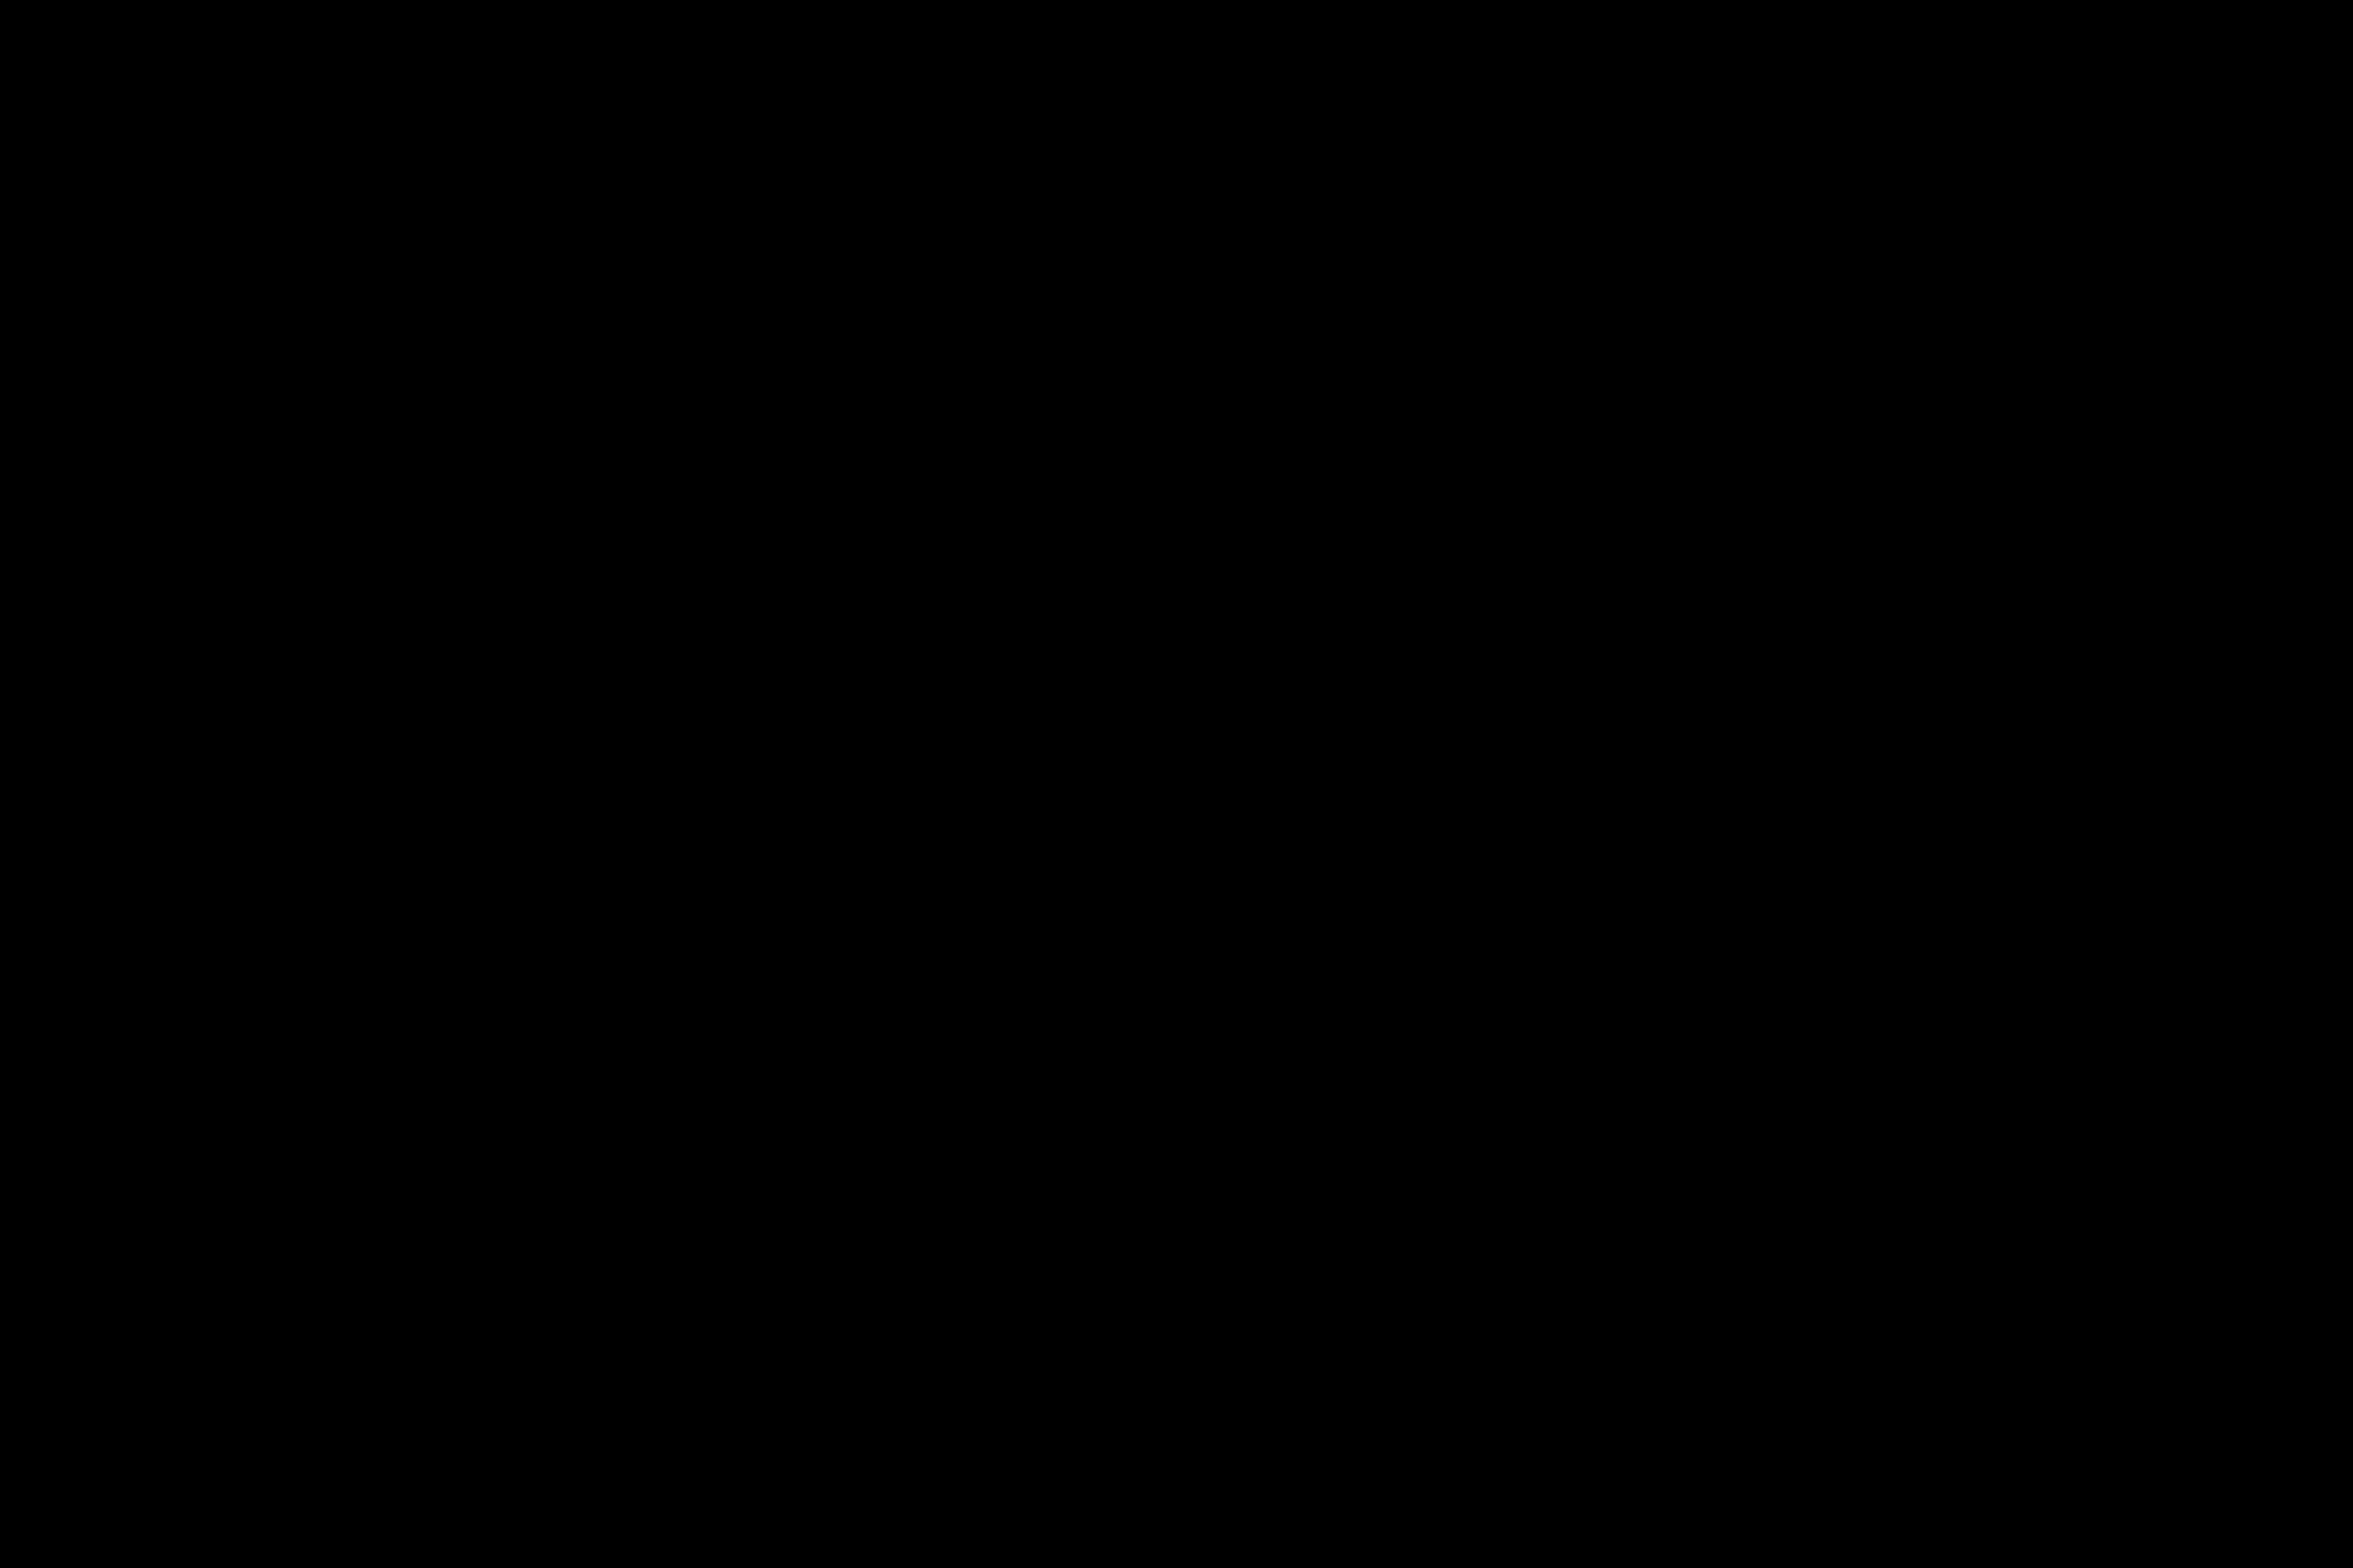 Naruto Lineart : Naruto uzumaki lineart by sakakithemastermind on